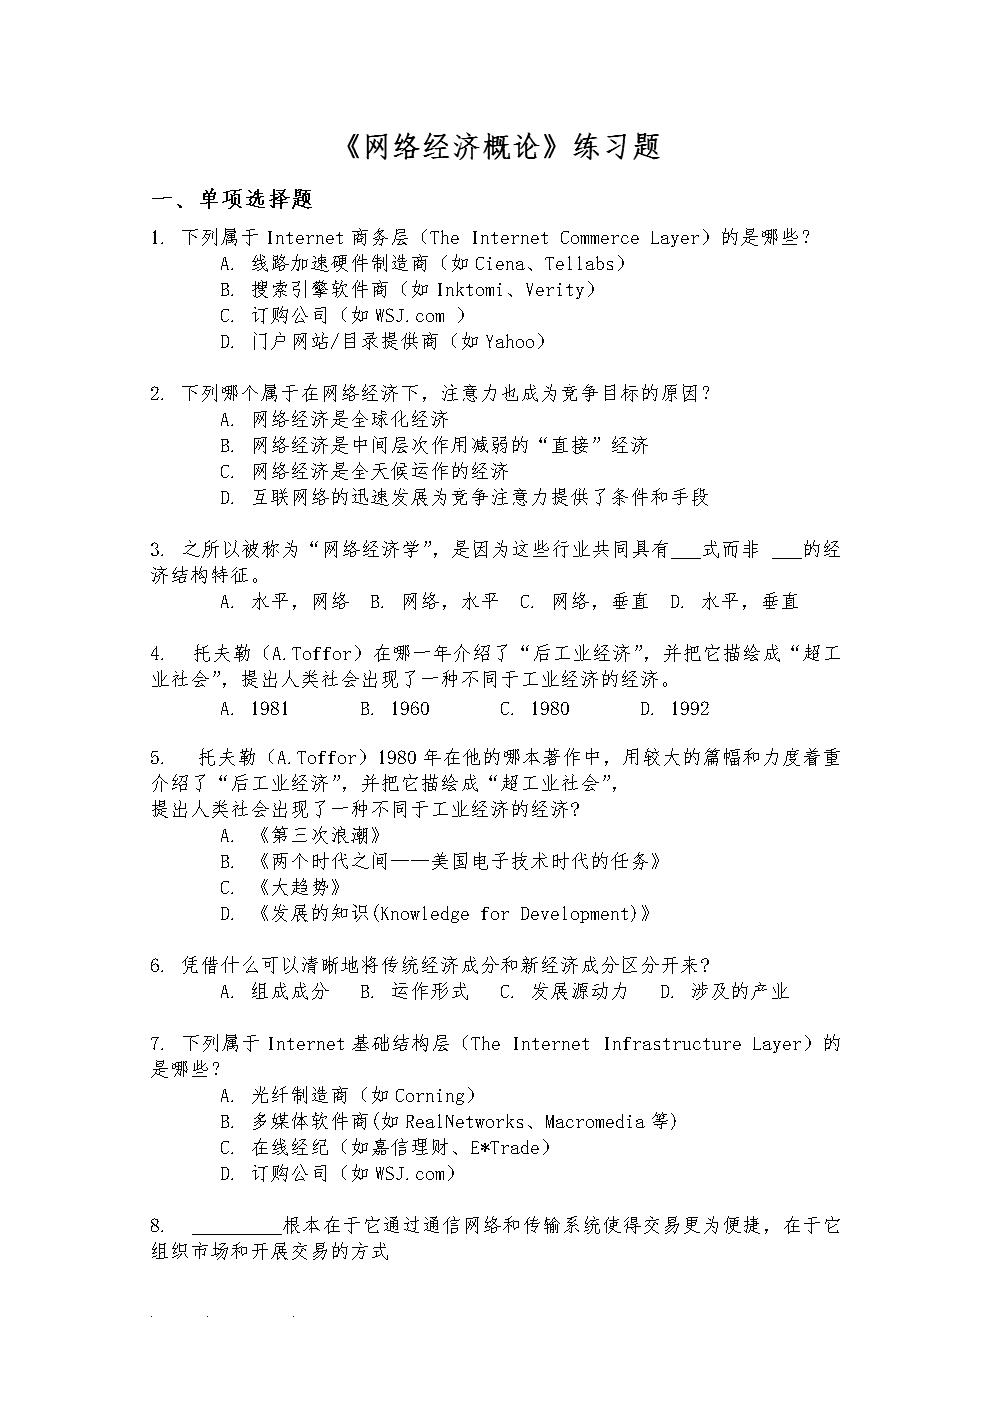 《网络经济概论》课程练习题.doc